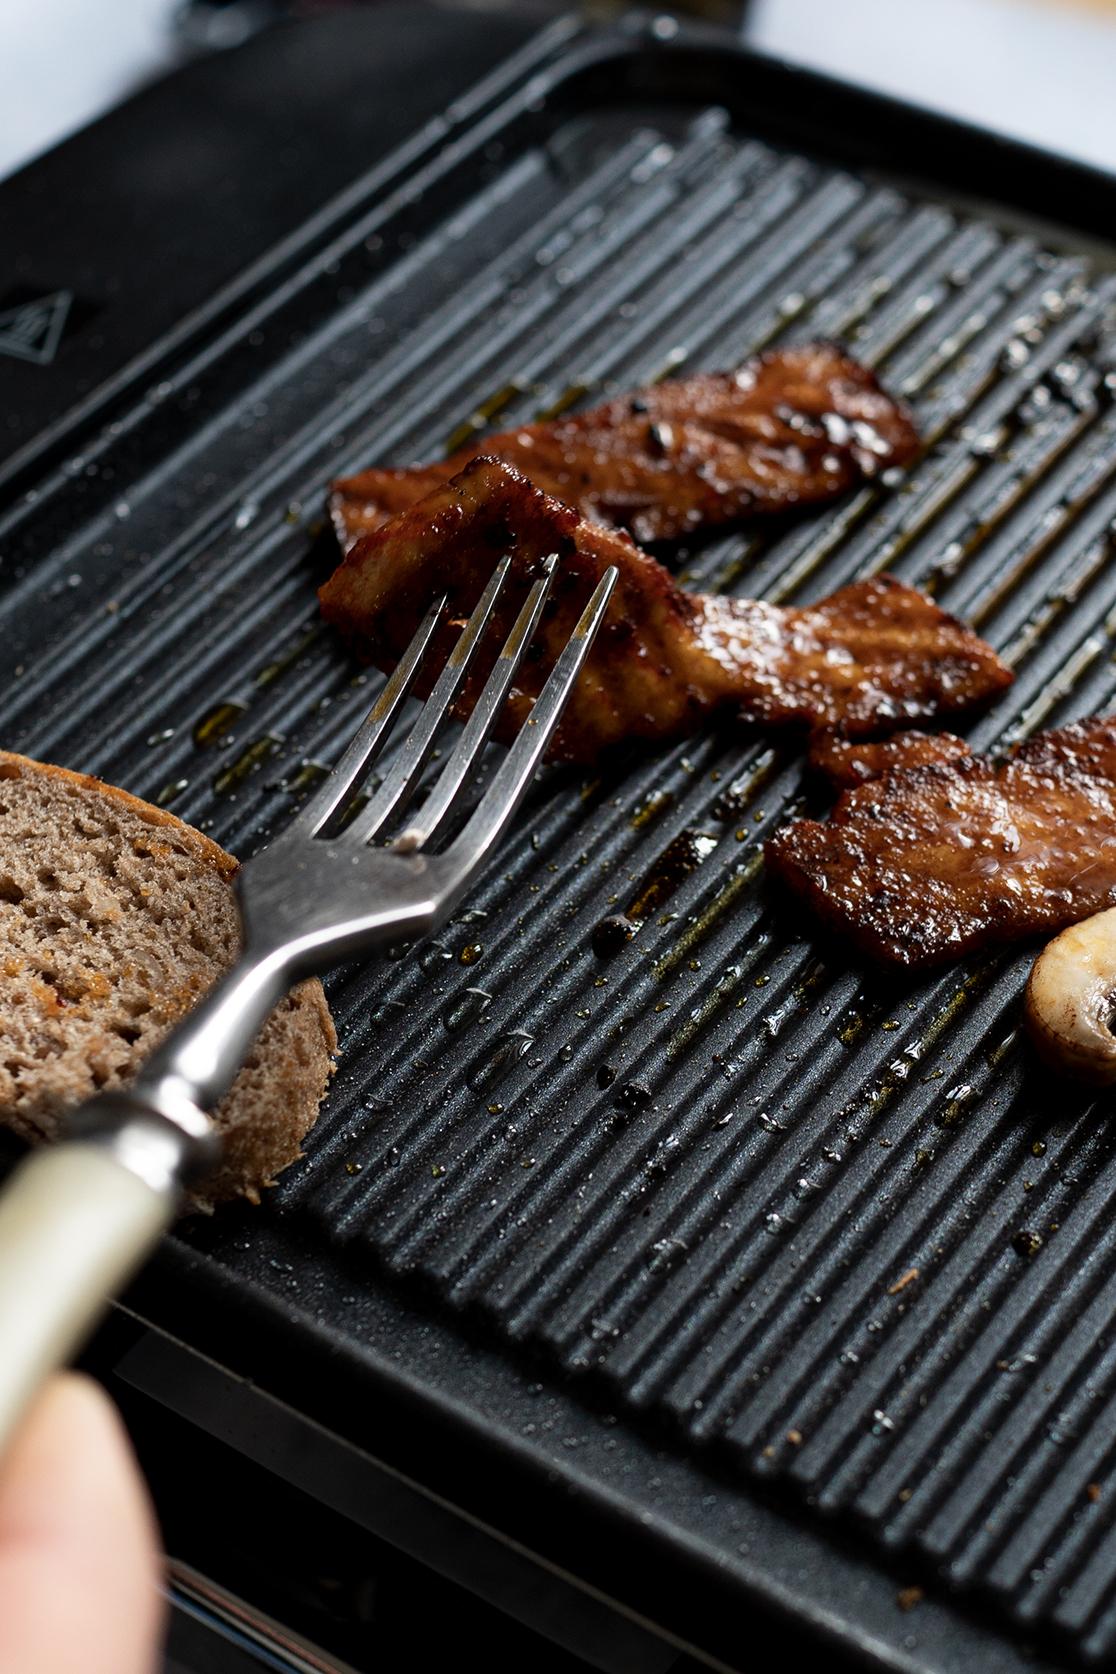 Tofu grillt auf dem Raclette und wird mit Gabel gewendet